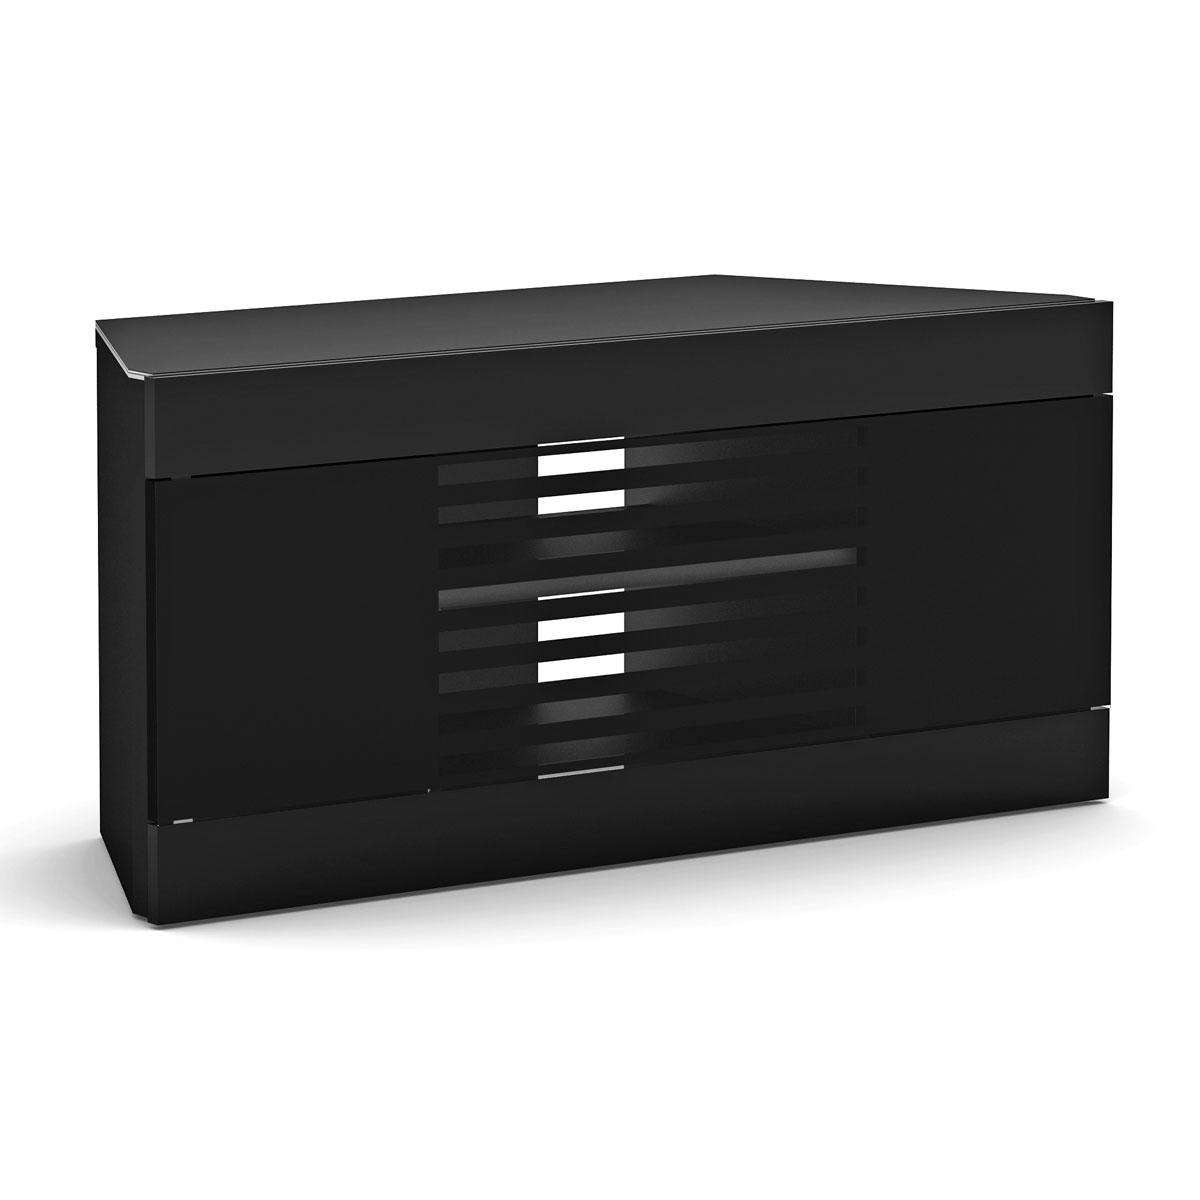 Elmob linos li 110 07 noir meuble tv elmob sur ldlc - Meuble tv pour ecran plat ...